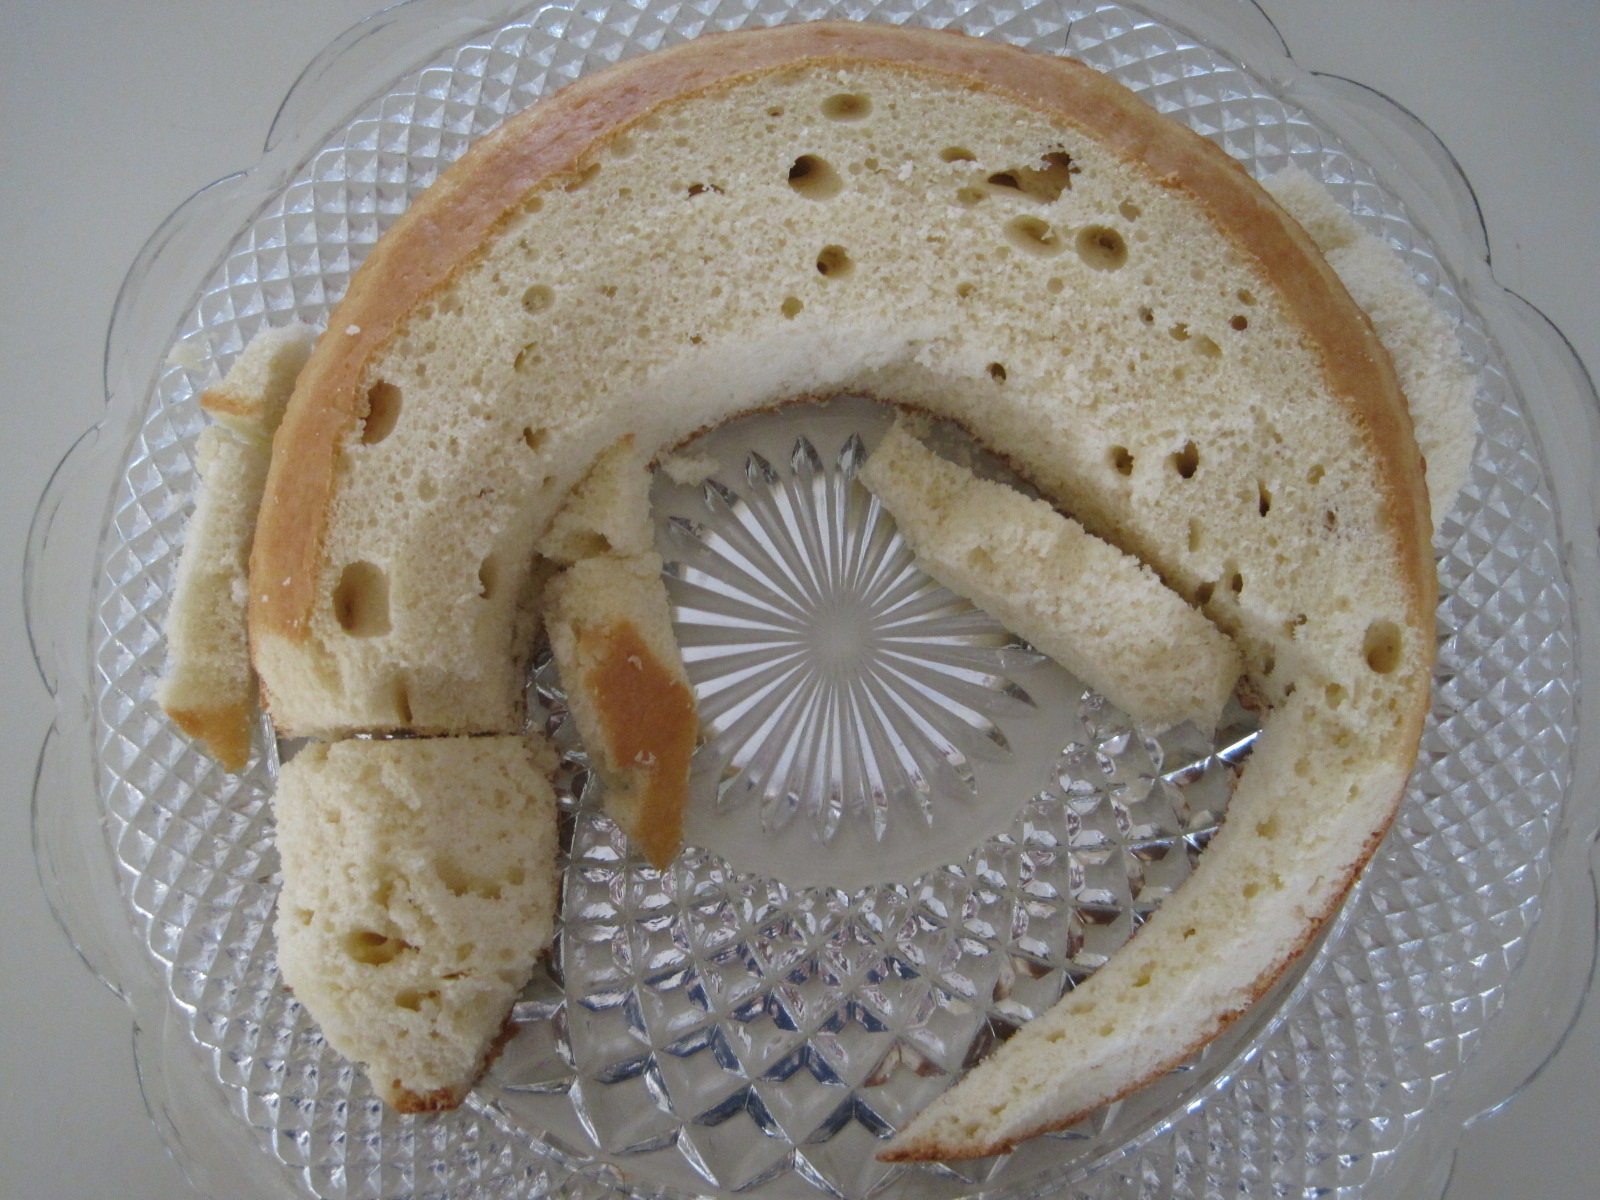 Ferret Shaped Cake Pan